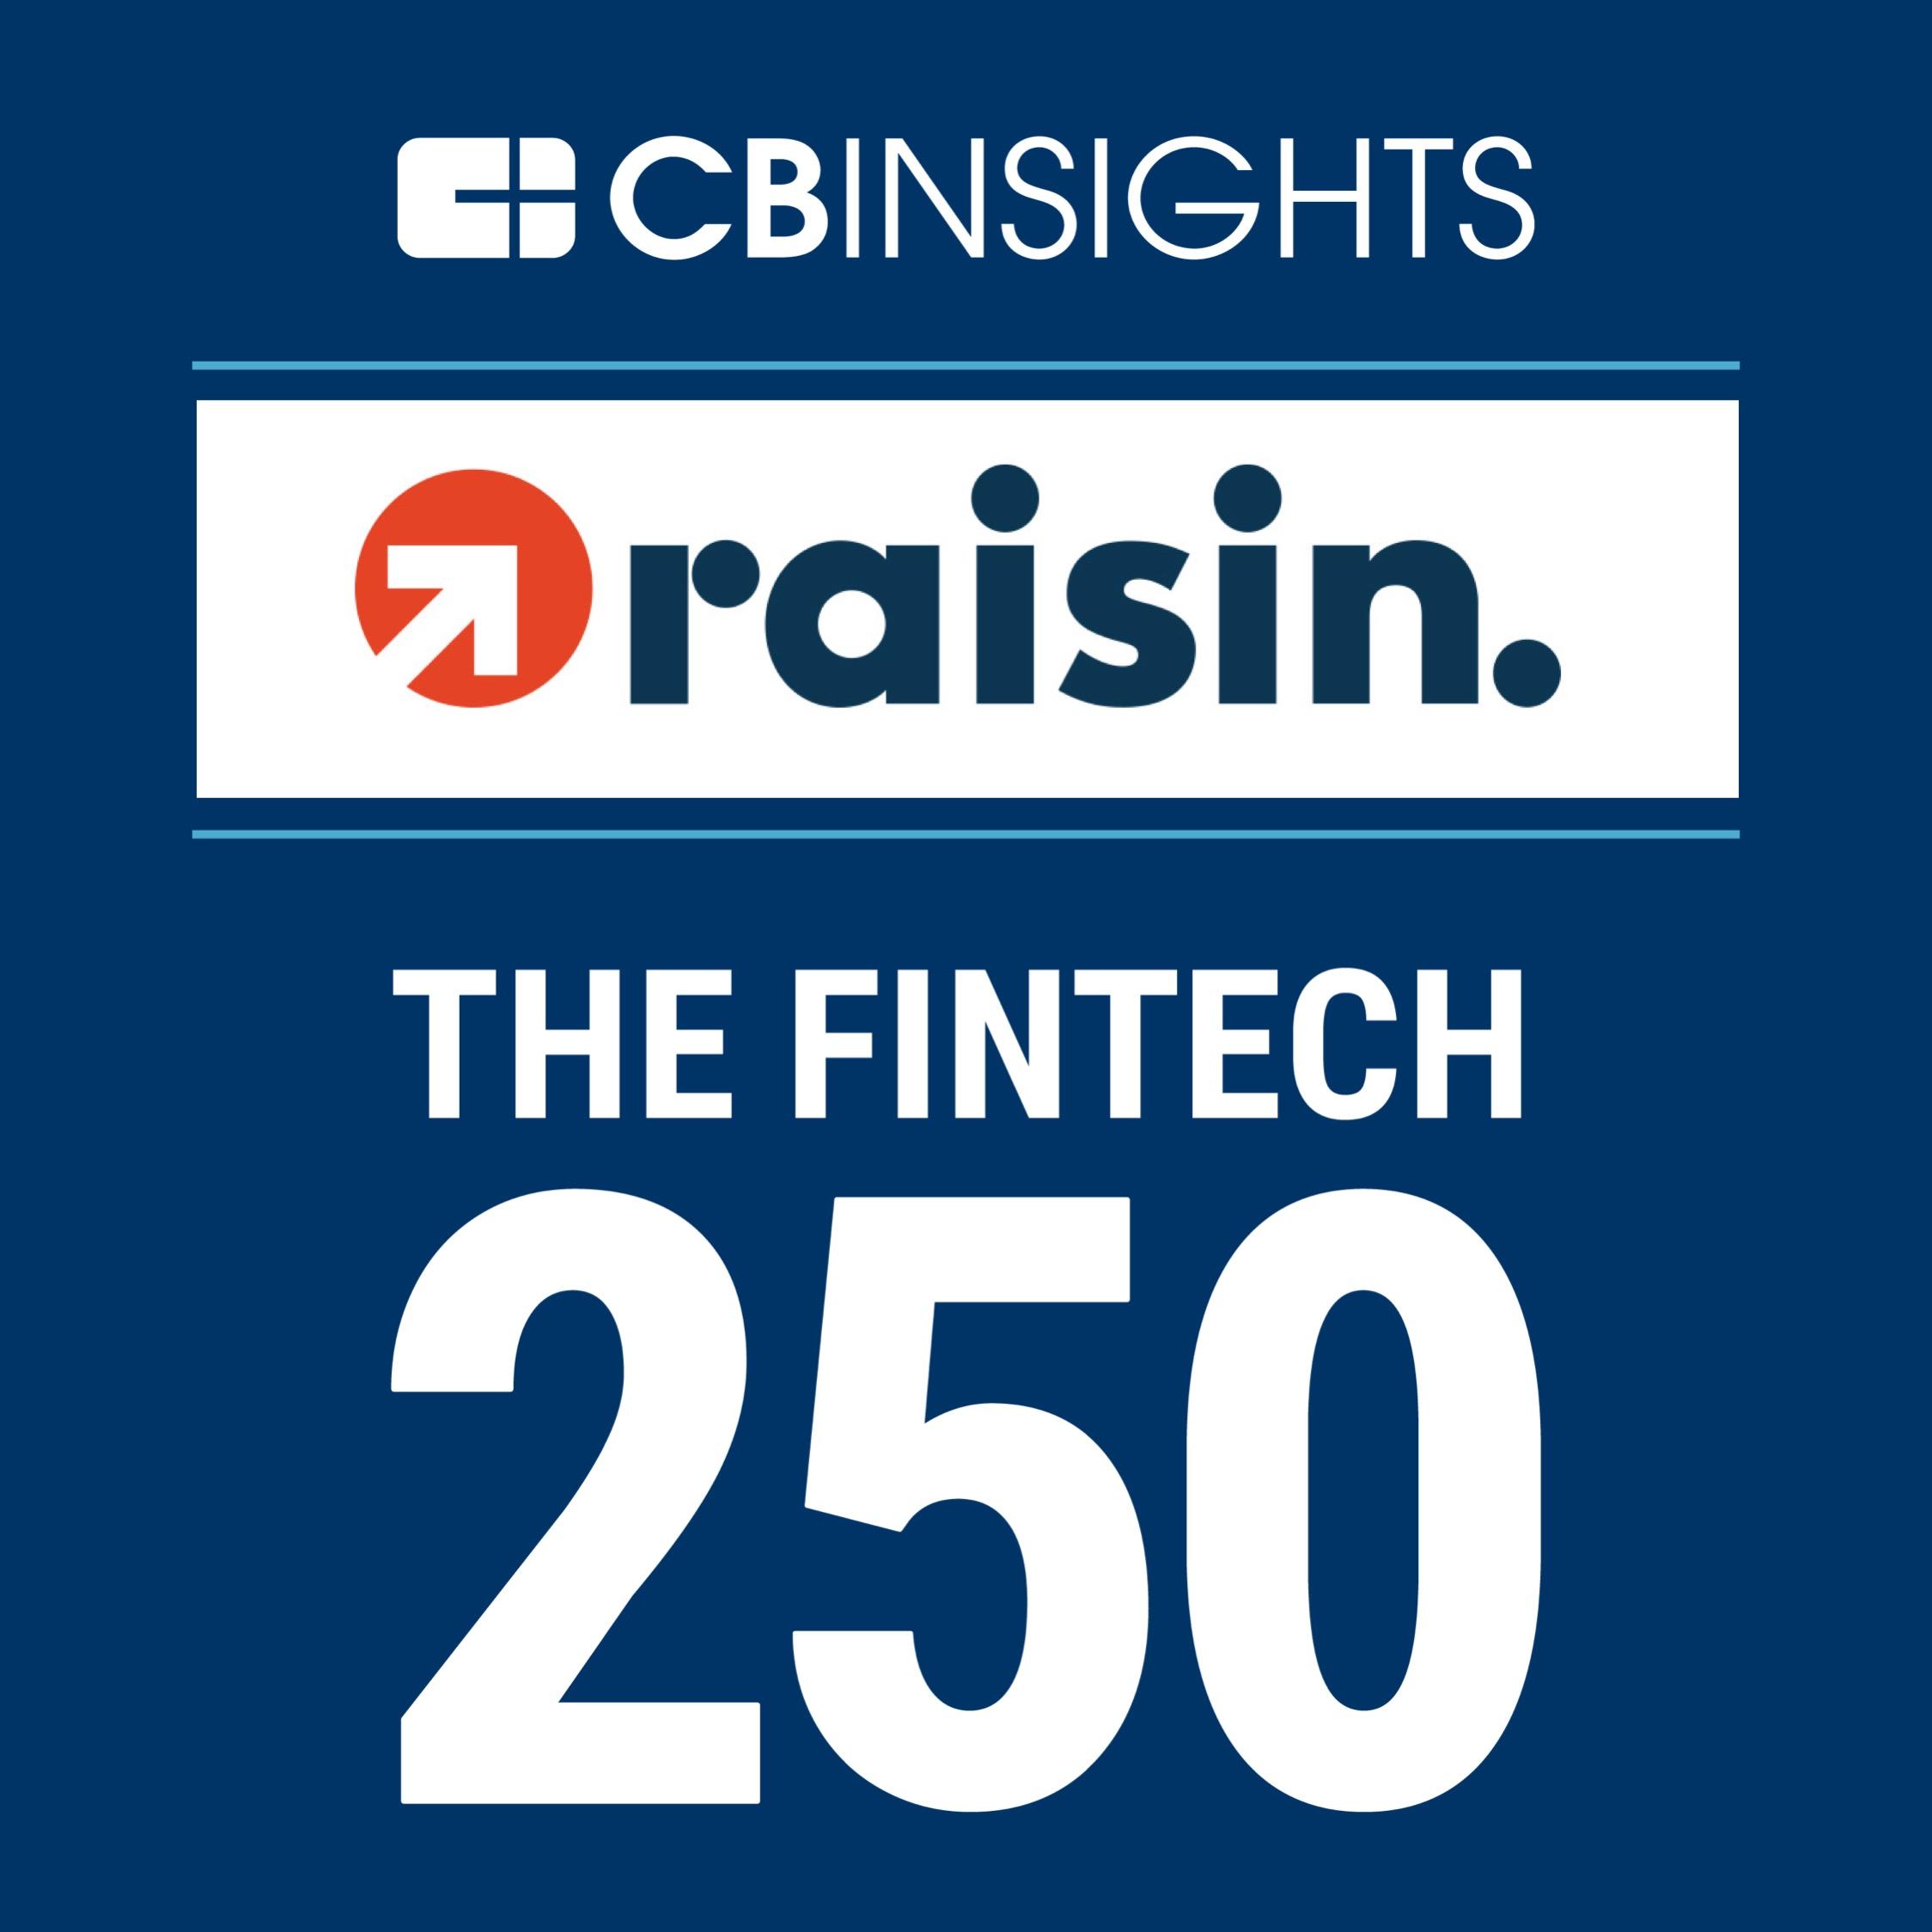 Raisin parmi les 250 Fintech mondiales qui comptent selon CB Insight